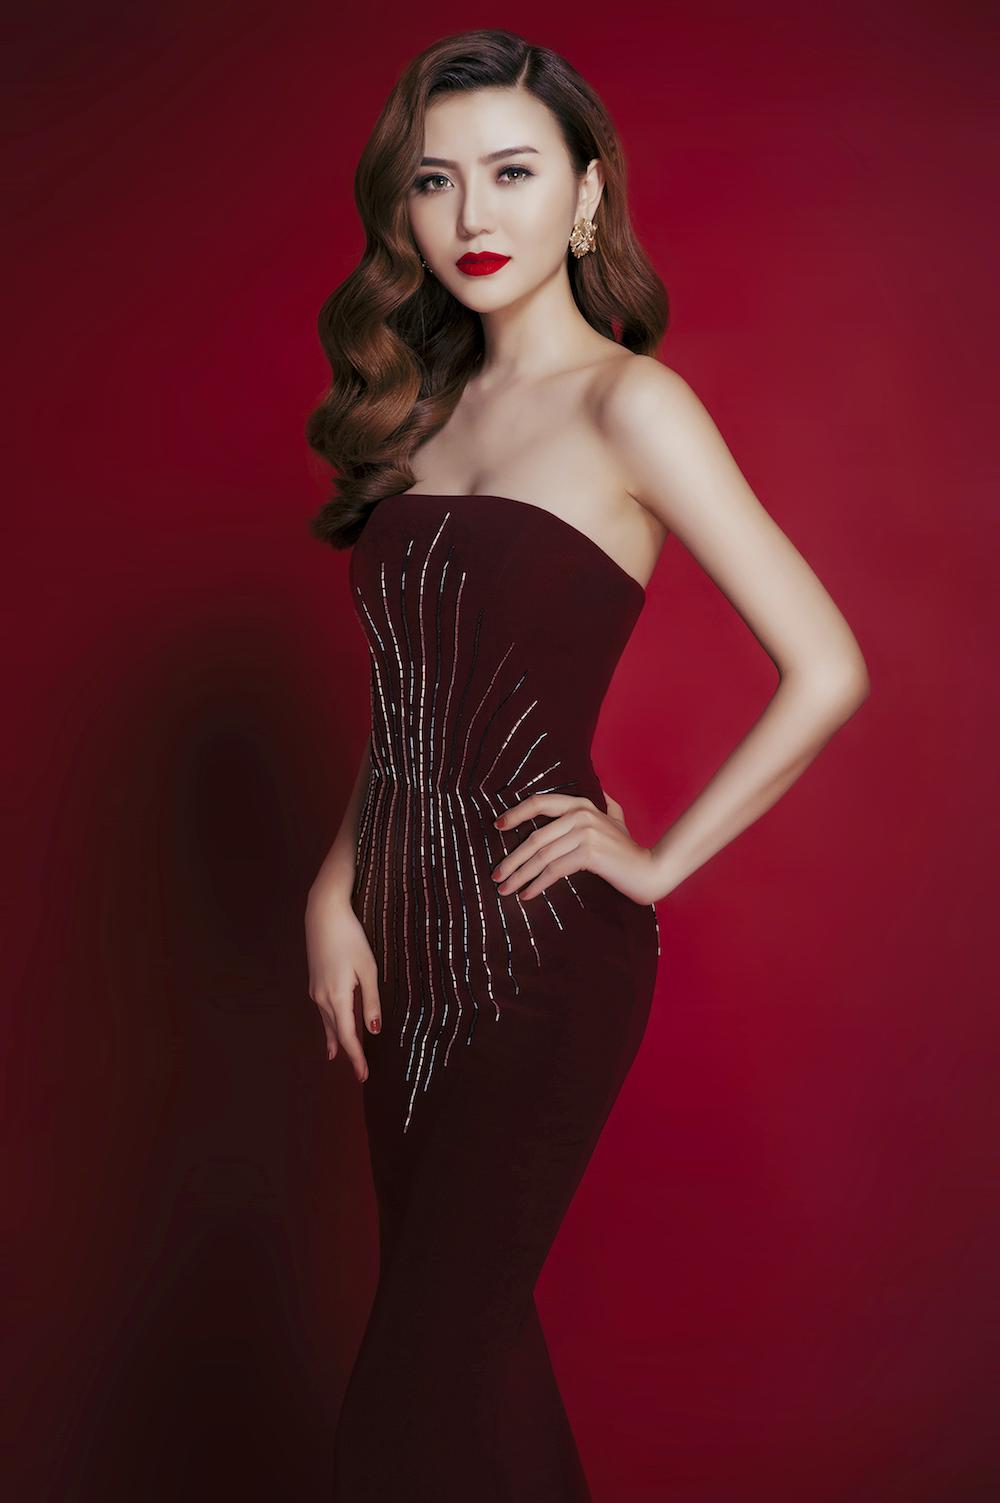 Ngoài công việc người mẫu, Ngọc Duyên còn theo đuổi lĩnh vực điện ảnh. Cô cũng đã tham gia một vài phim truyền hình, chiếu rạp với vai phụ.